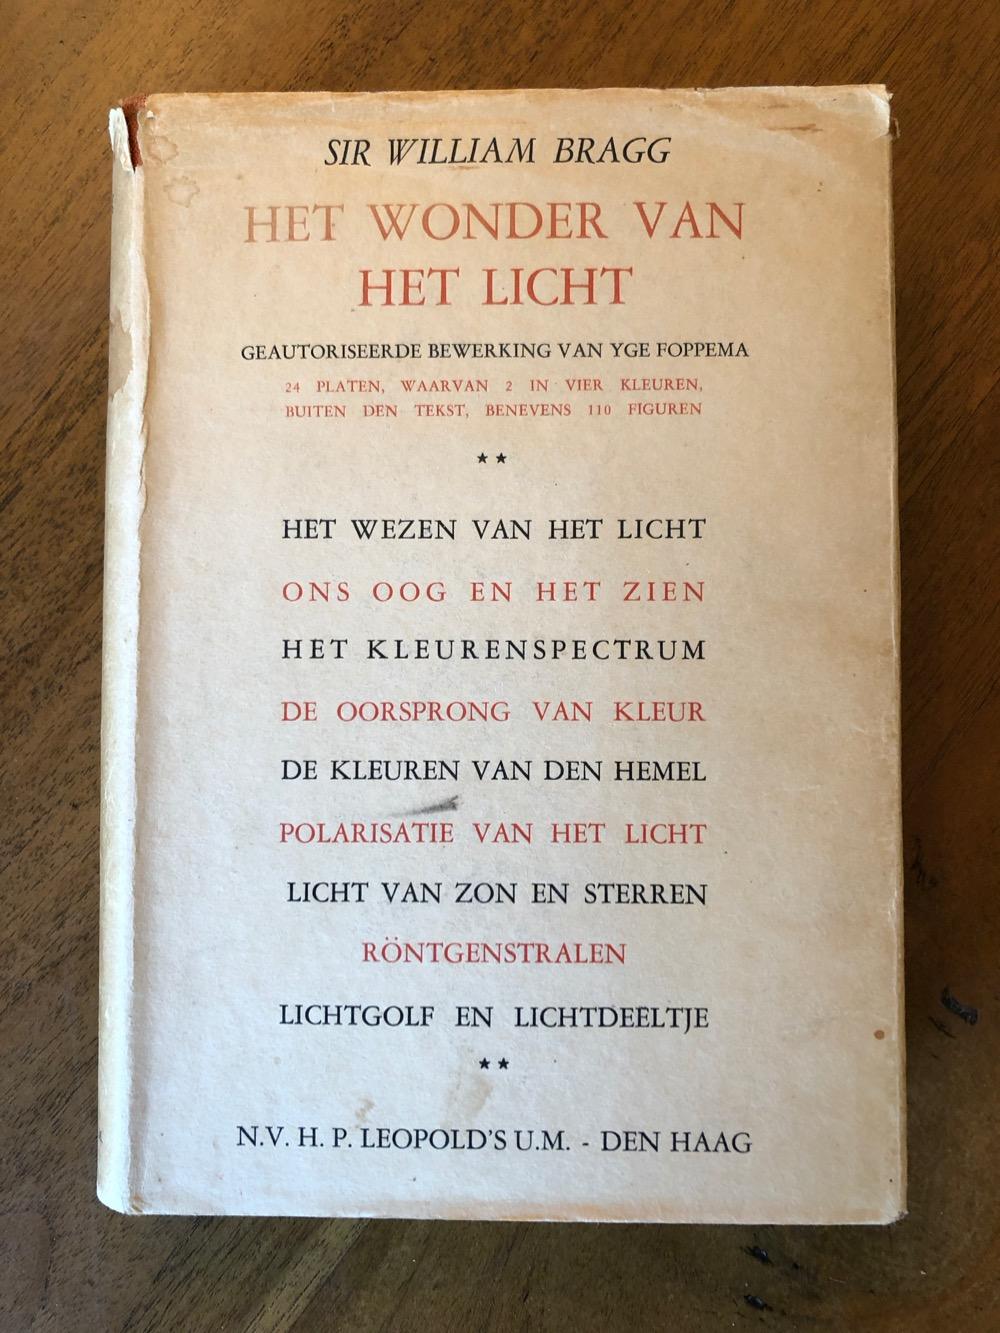 Je bekijkt nu Het wonder van het licht – 1934